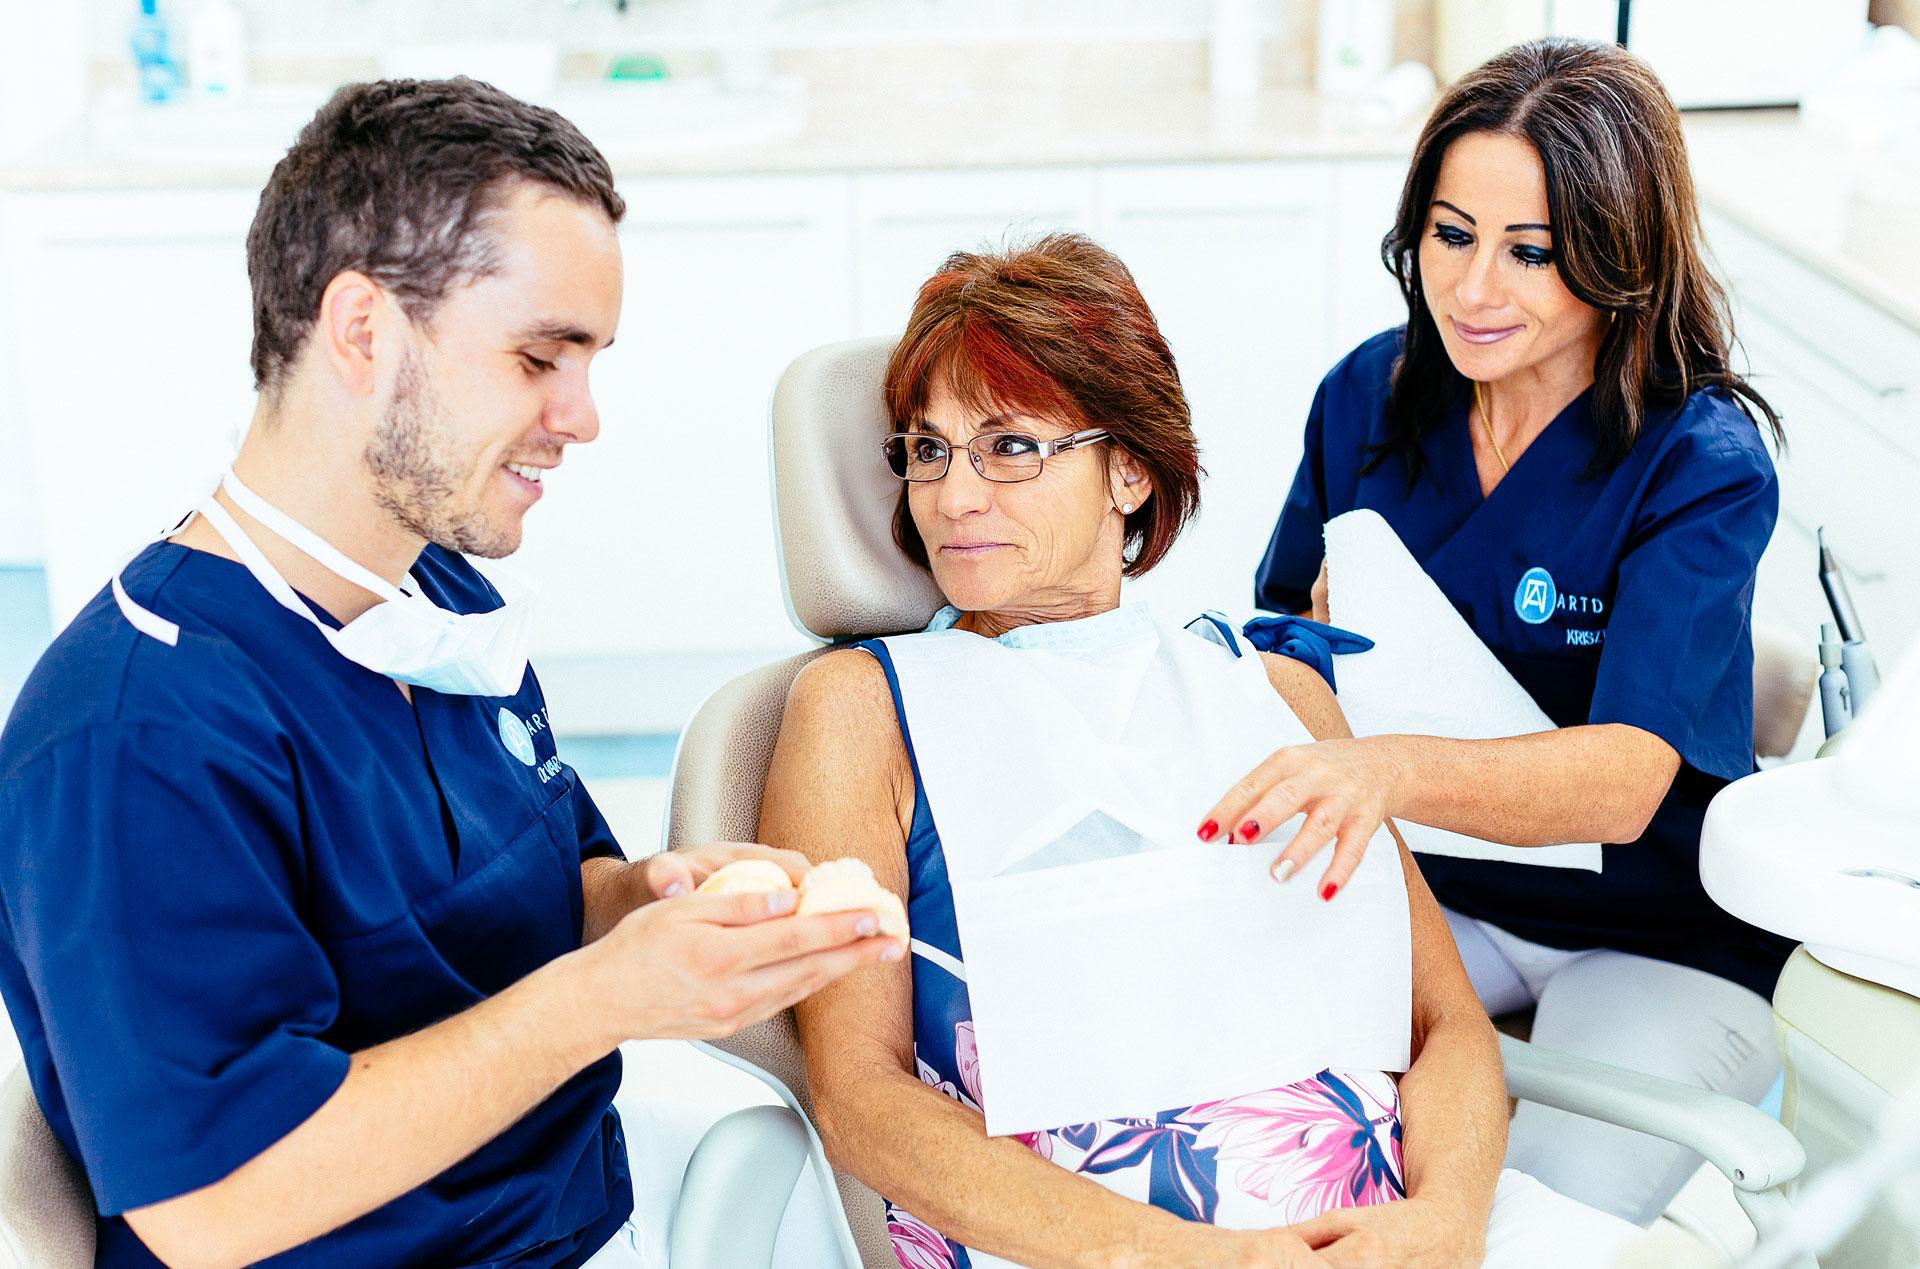 Dr. Varajti Artúr fogorvos, szájsebész a fogbeültetés menetét mondja el a páciensnek a budapesti fogászati klinikán.